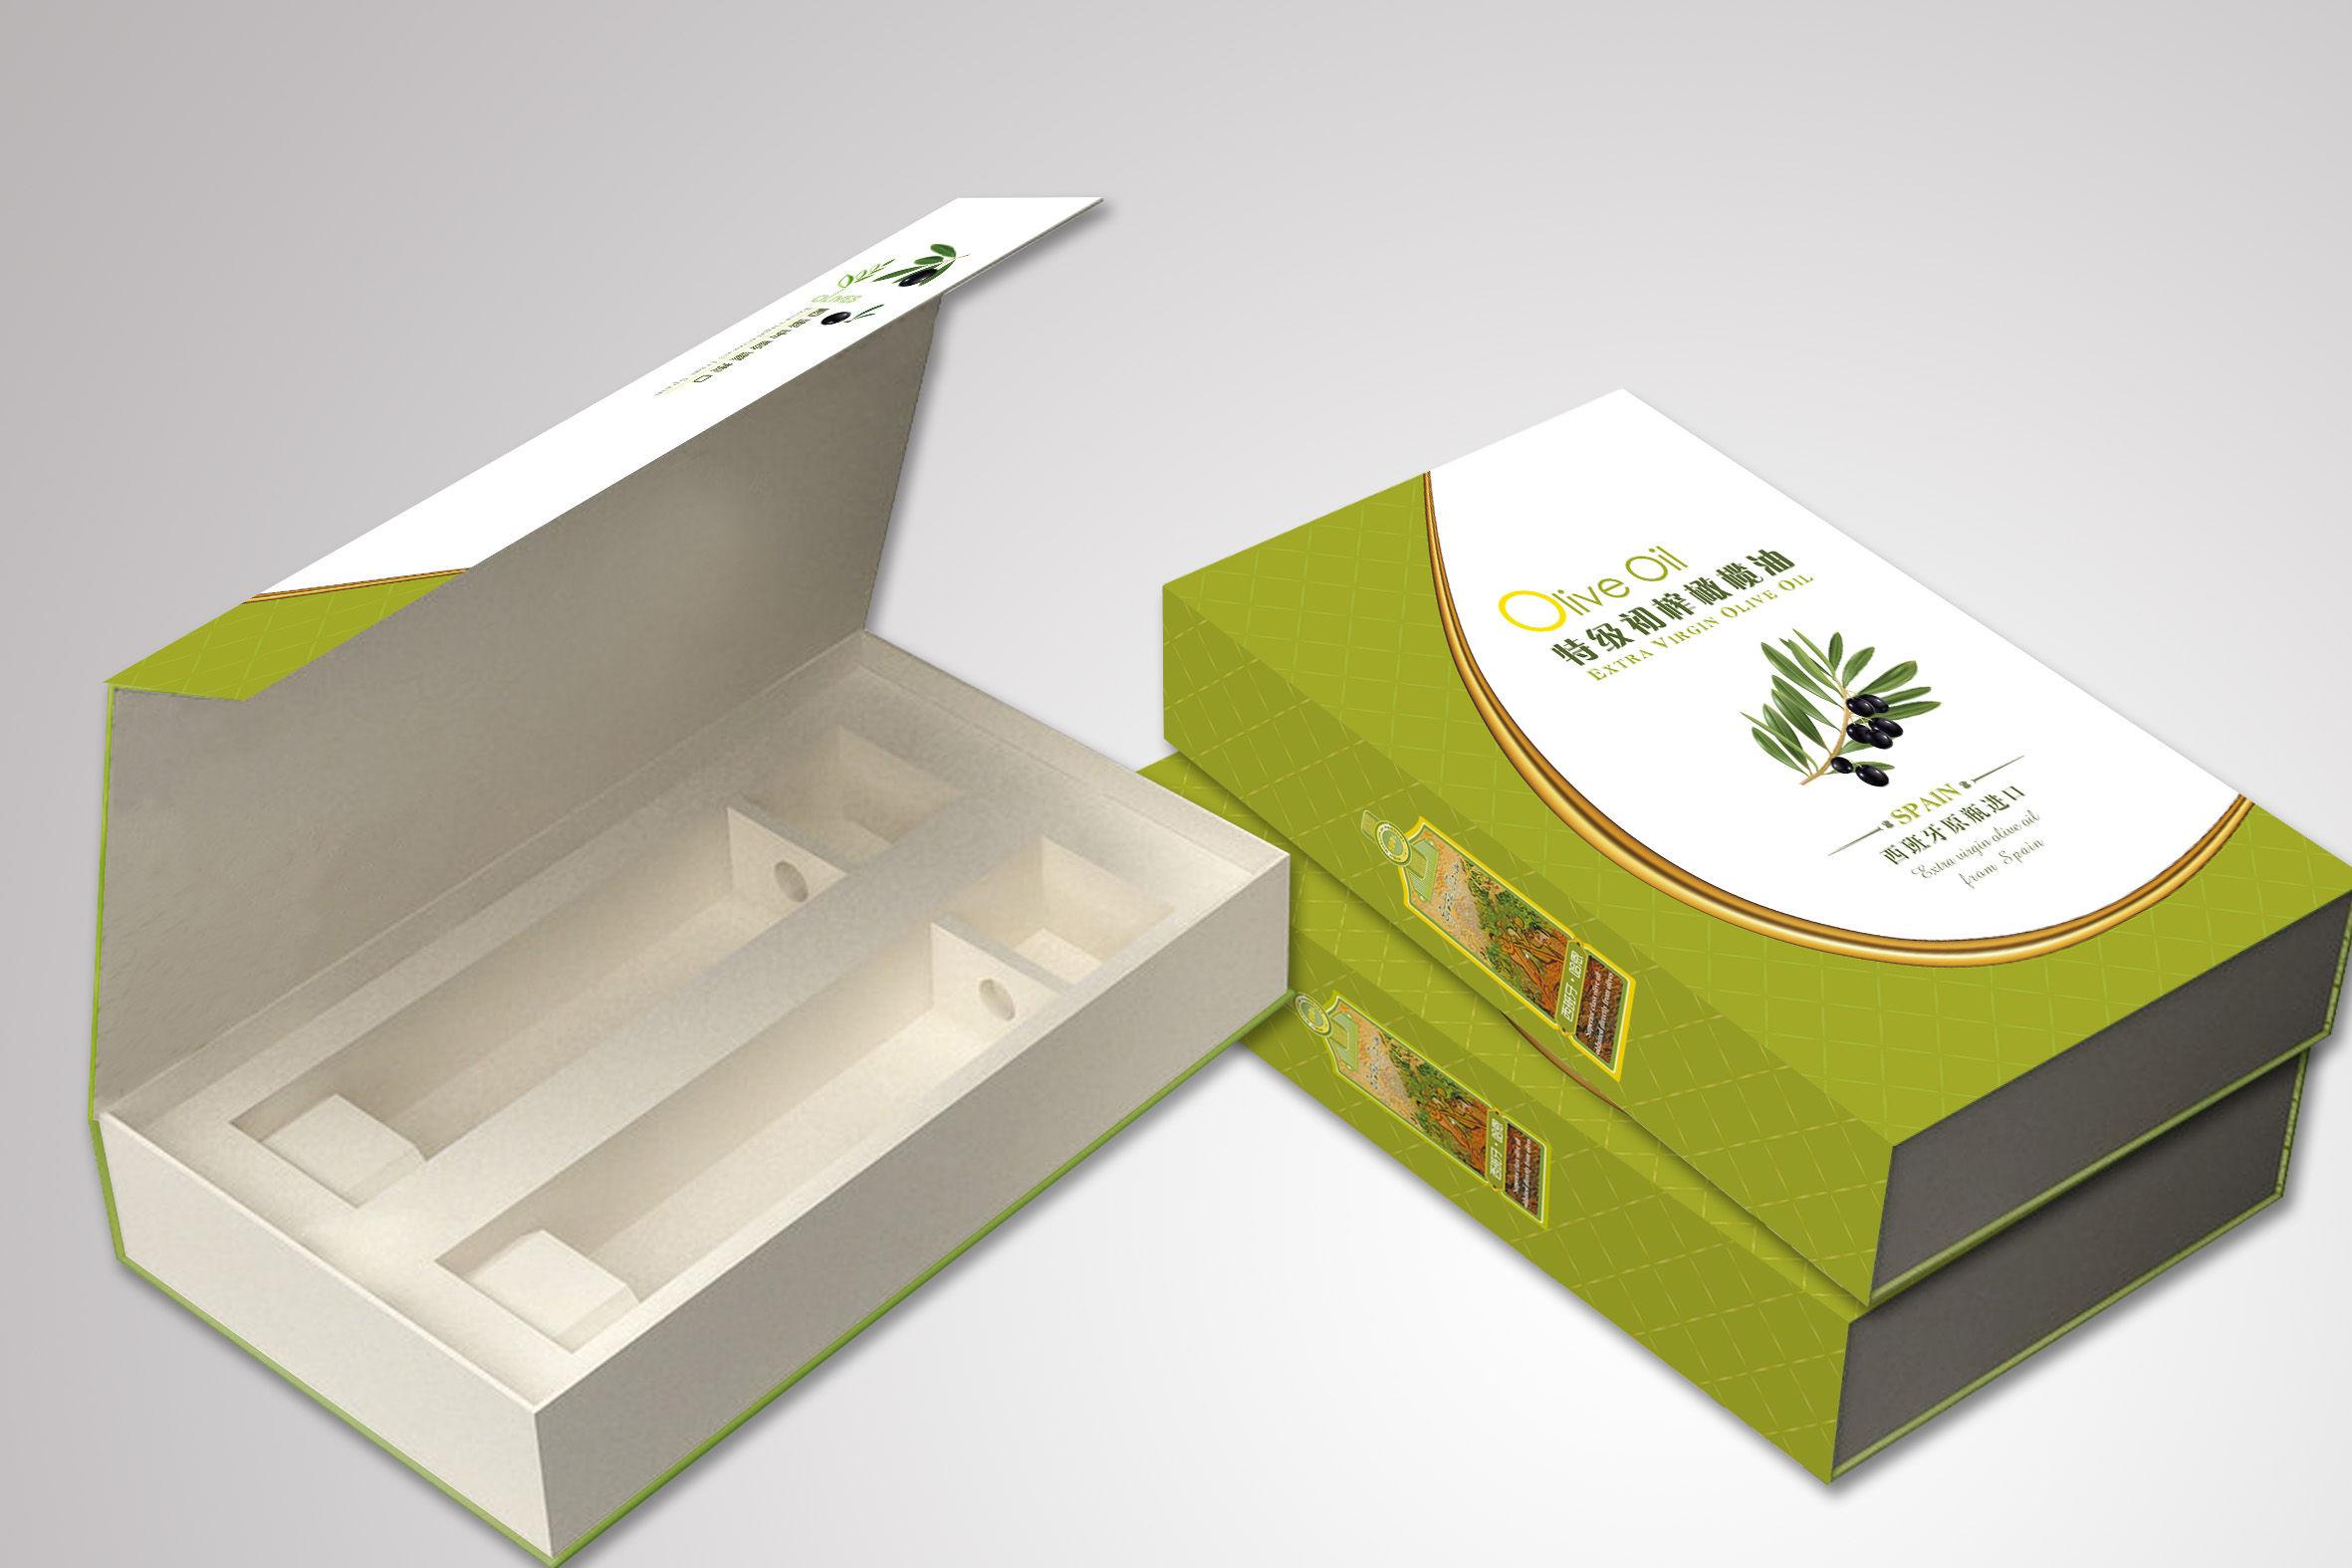 纸盒礼品盒瓦楞手提彩箱印刷包装盒精品盒化妆品飞机盒异形盒定制